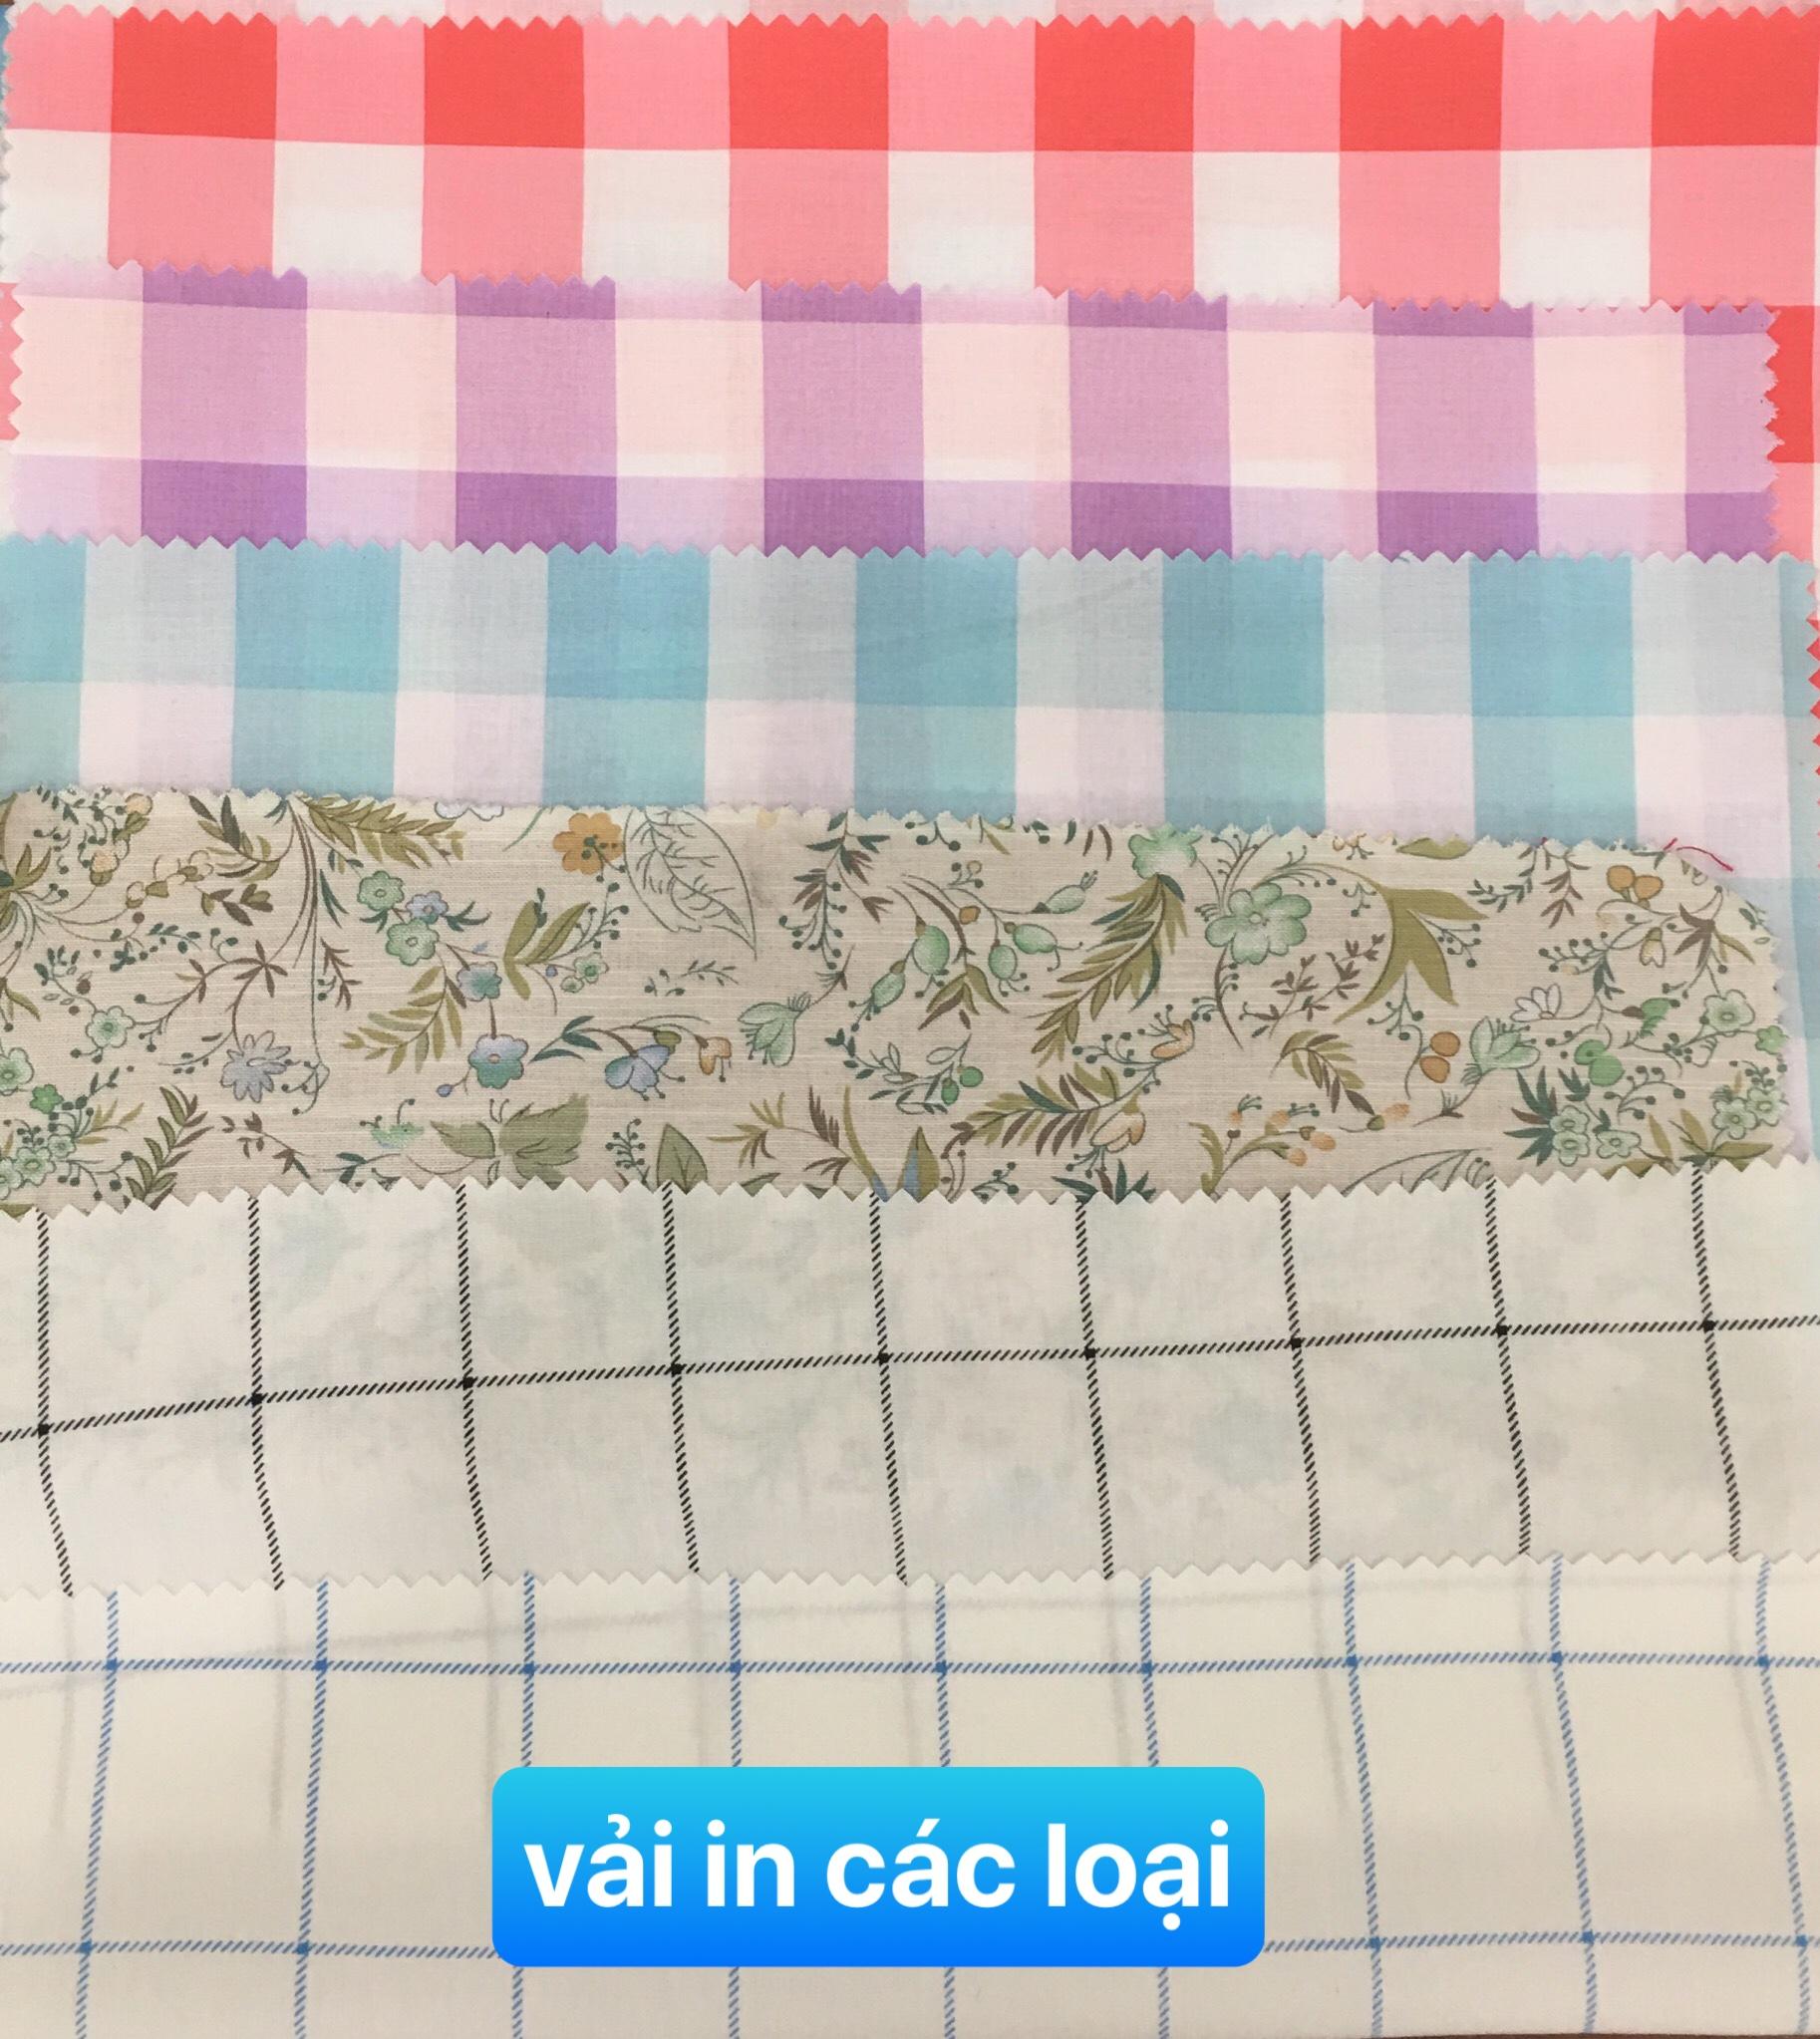 Vải in các loại